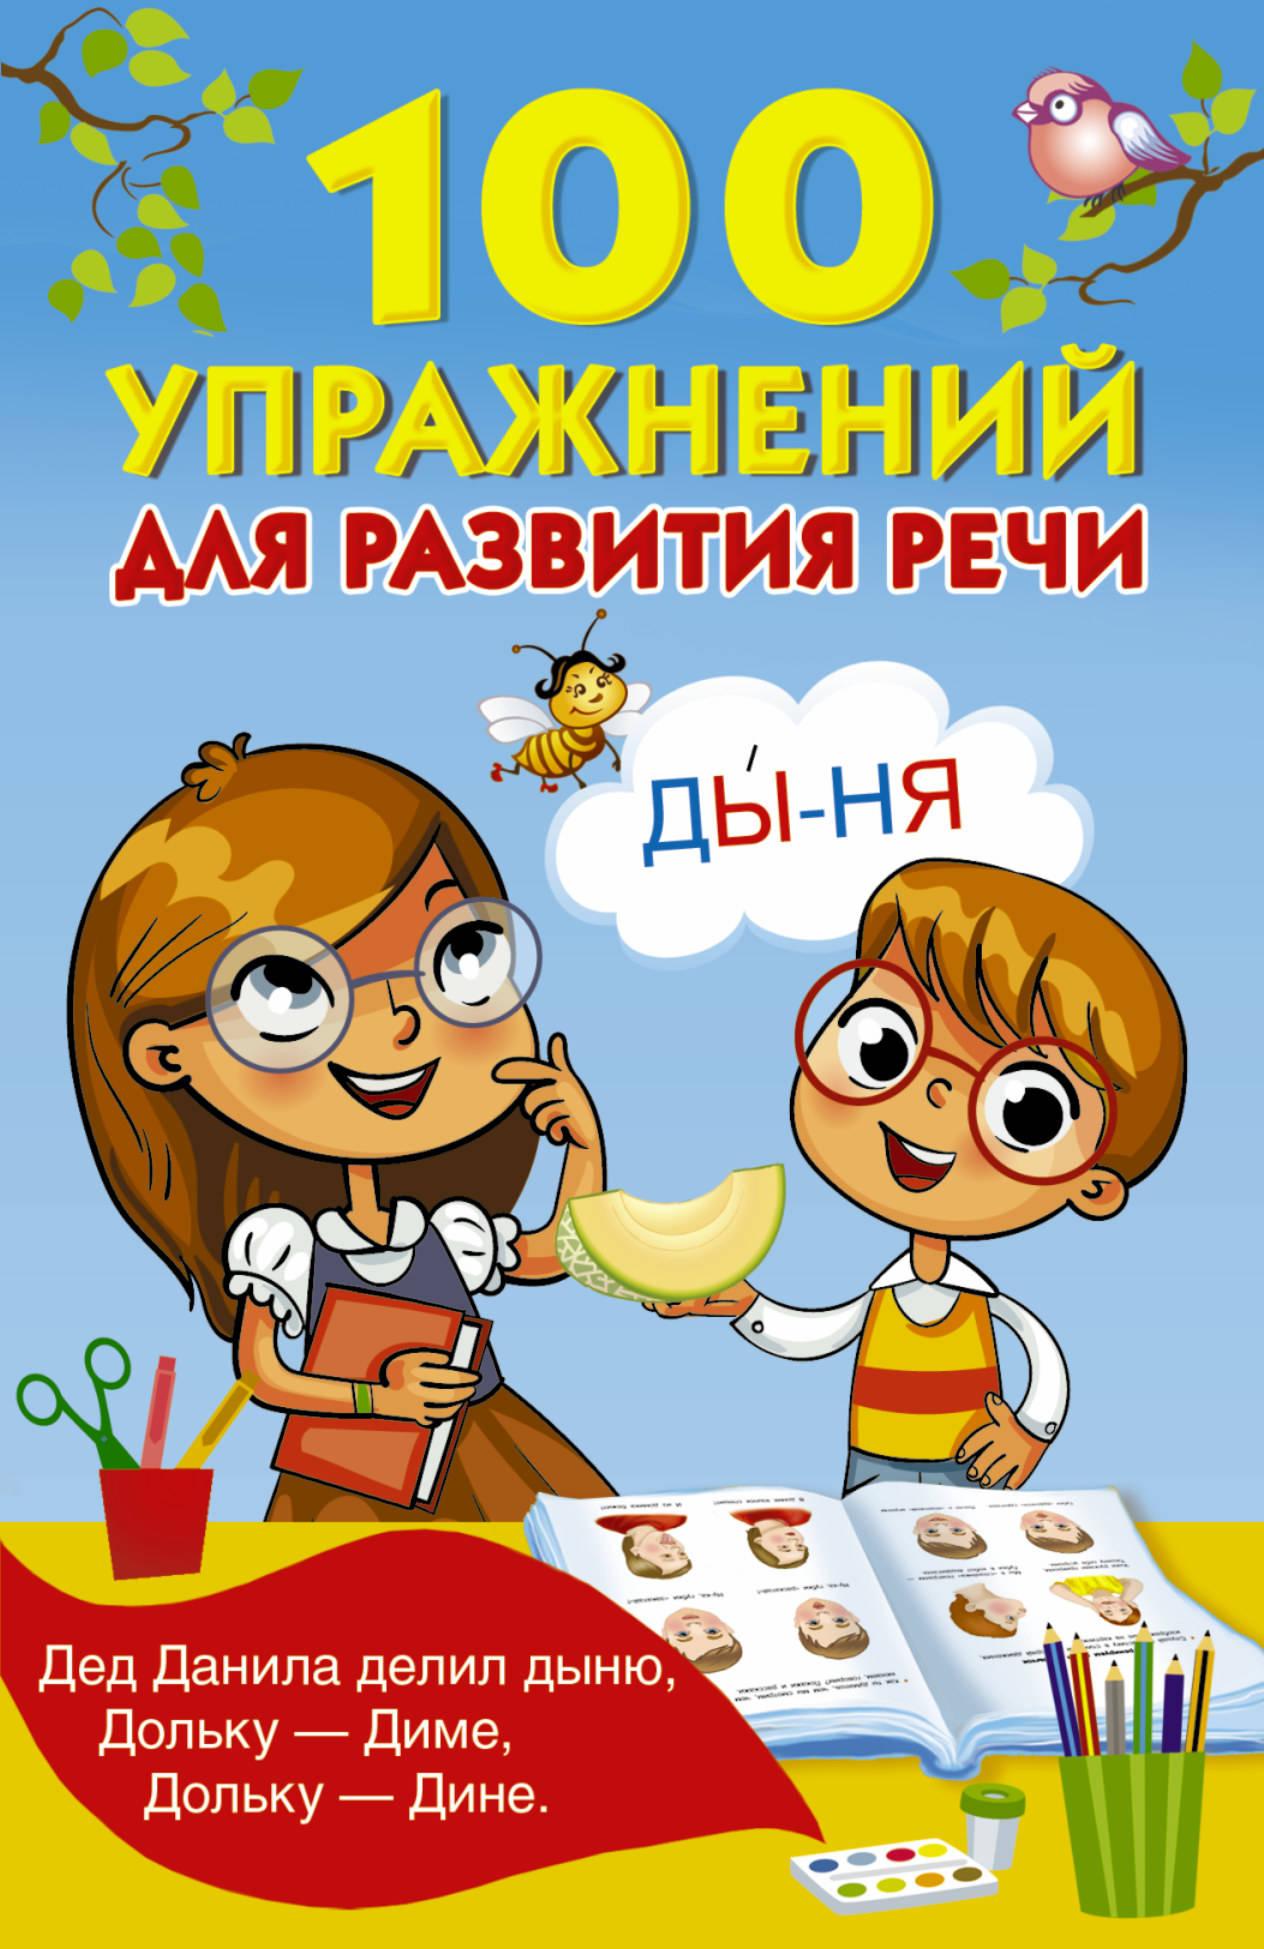 100 упражнений для развития речи ( Дмитриева В. Г., Горбунова И.В., Кузнецова А.О.  )